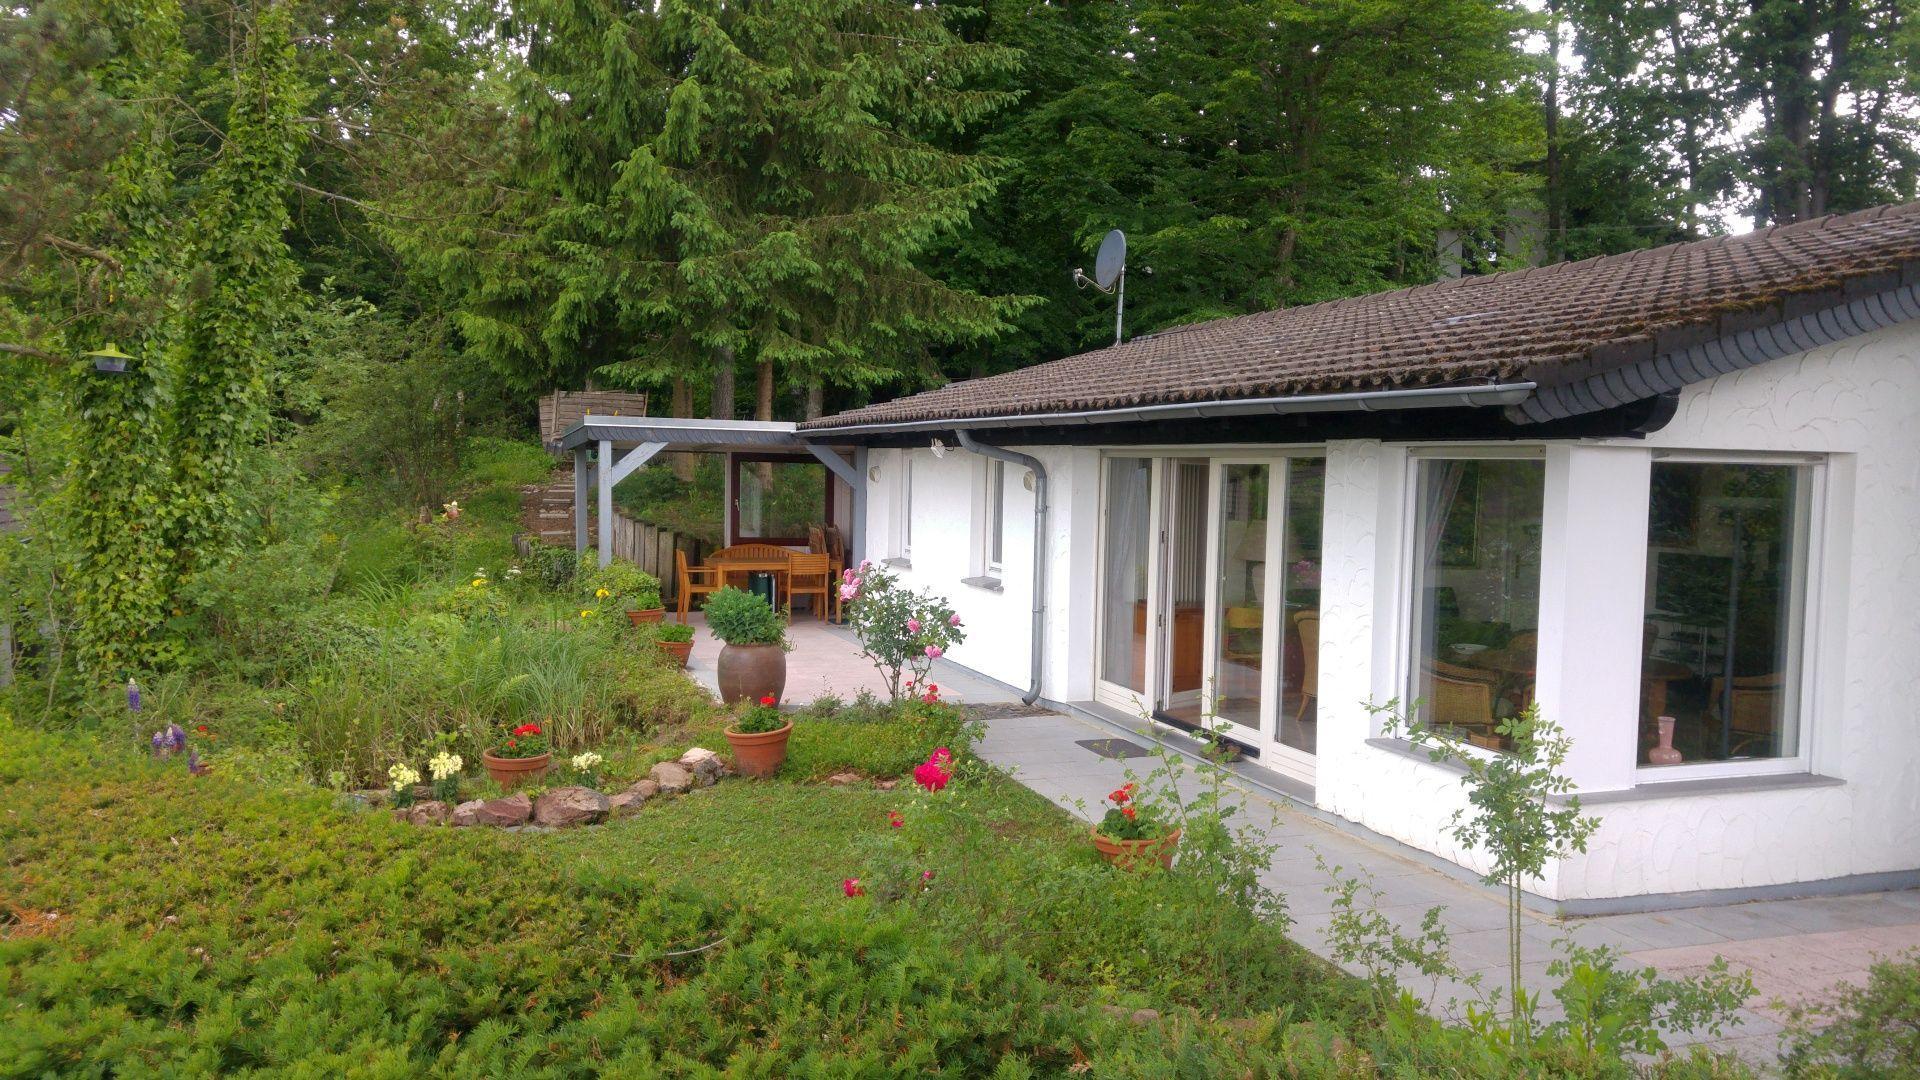 Ferienhaus für 4 Personen ca. 95 m² in L  in der Eifel